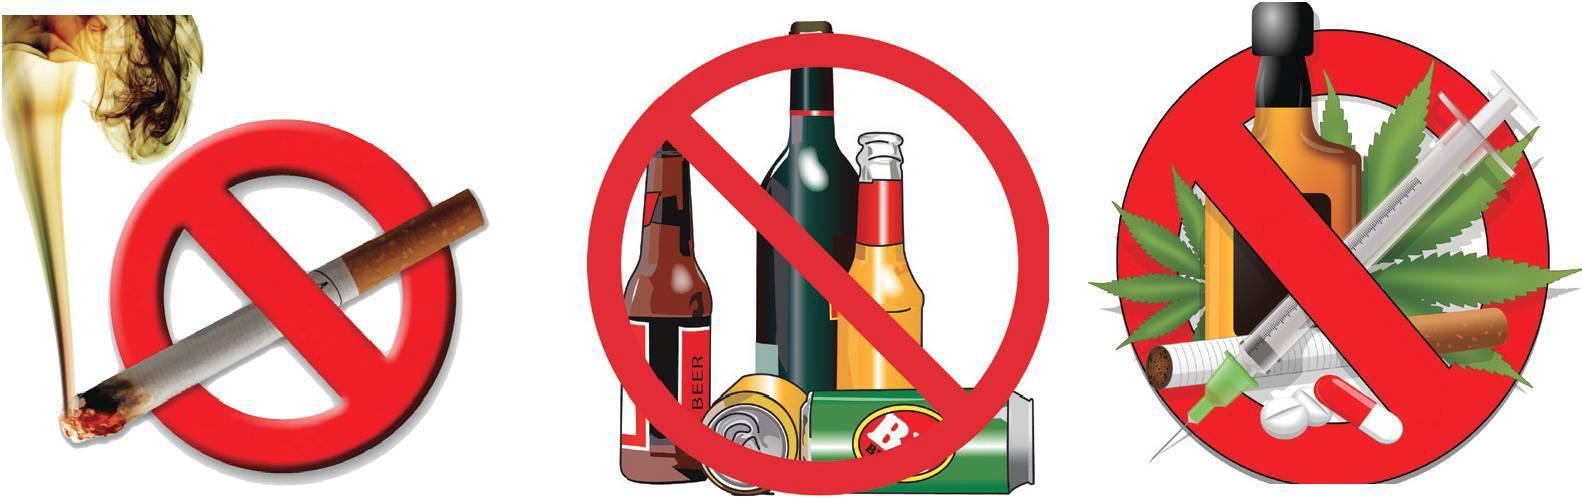 Влияние никотина и алкоголя на организм человека и его здоровье